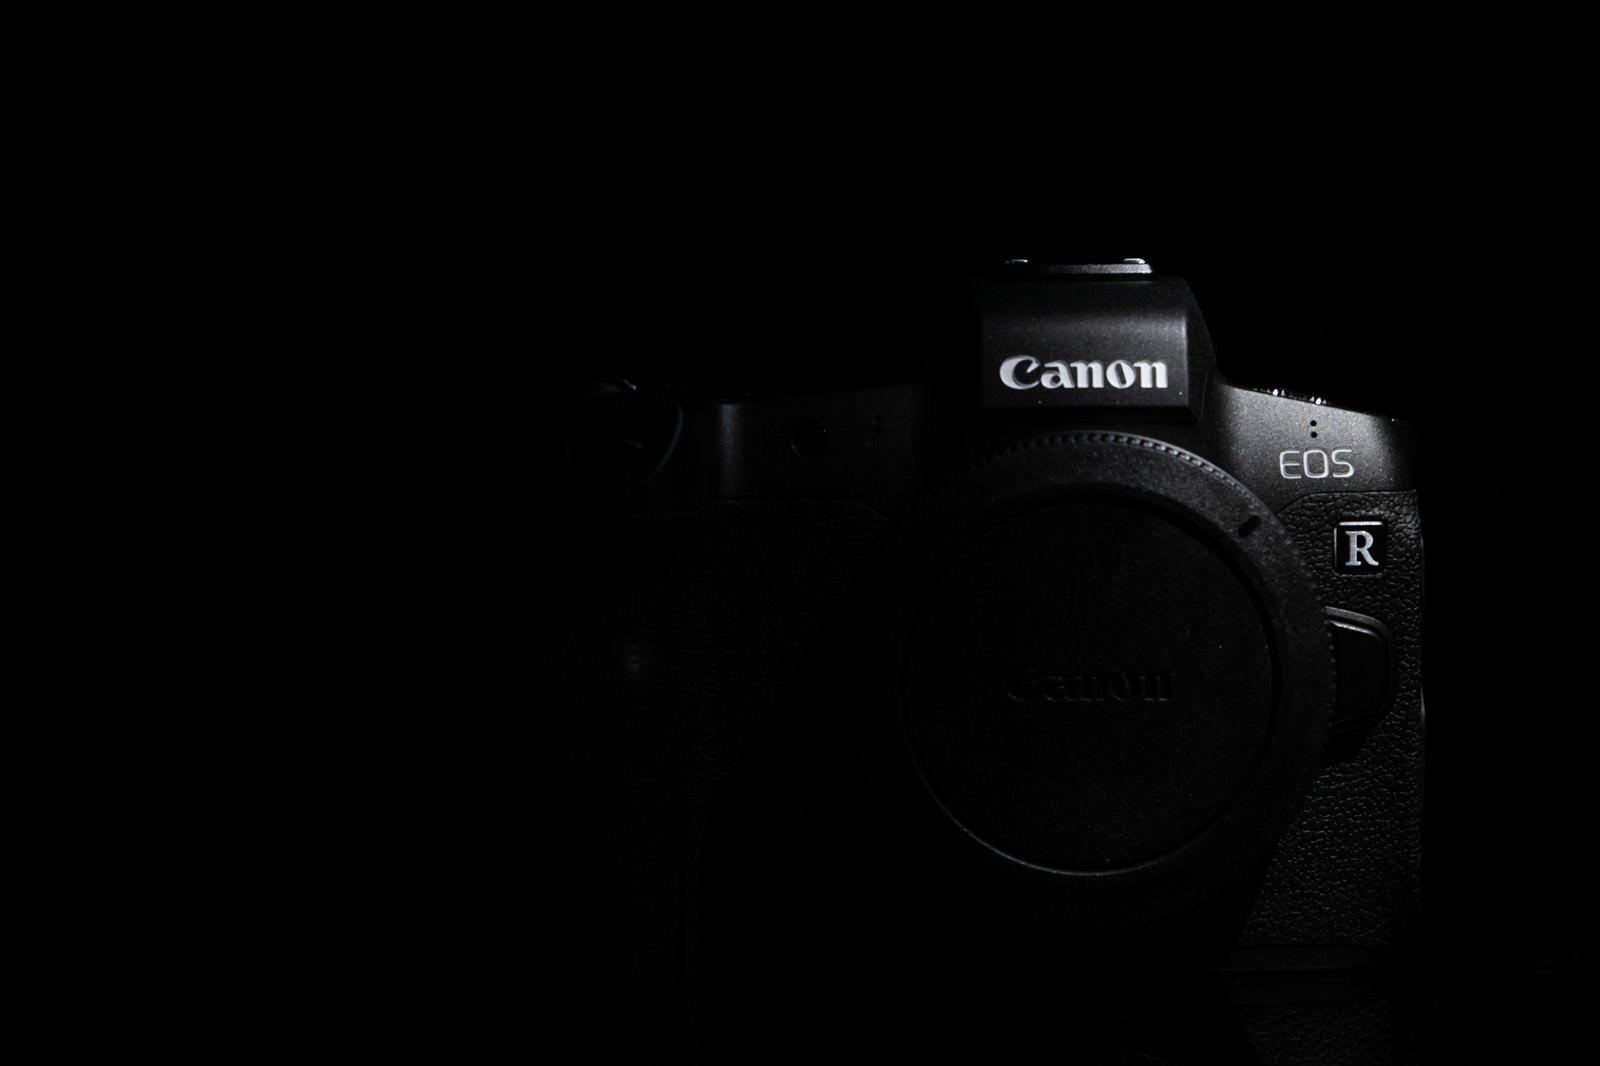 「フルサイズミラーレスカメラ(EOS R)」の写真